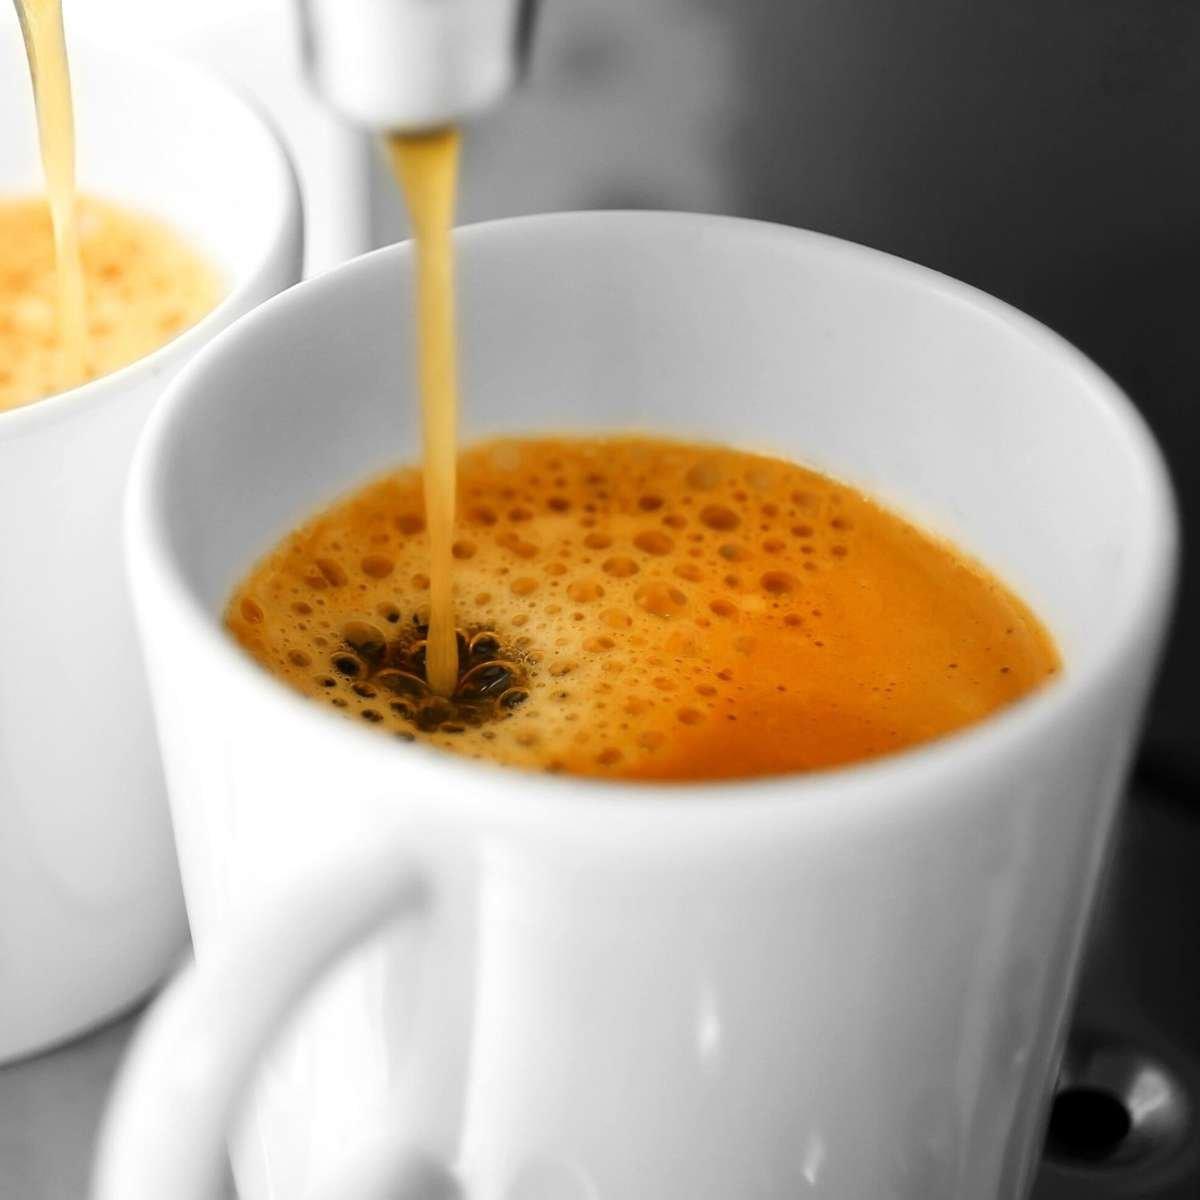 Frischer Röstkaffee als ganze Bohnen aus Ruanda.